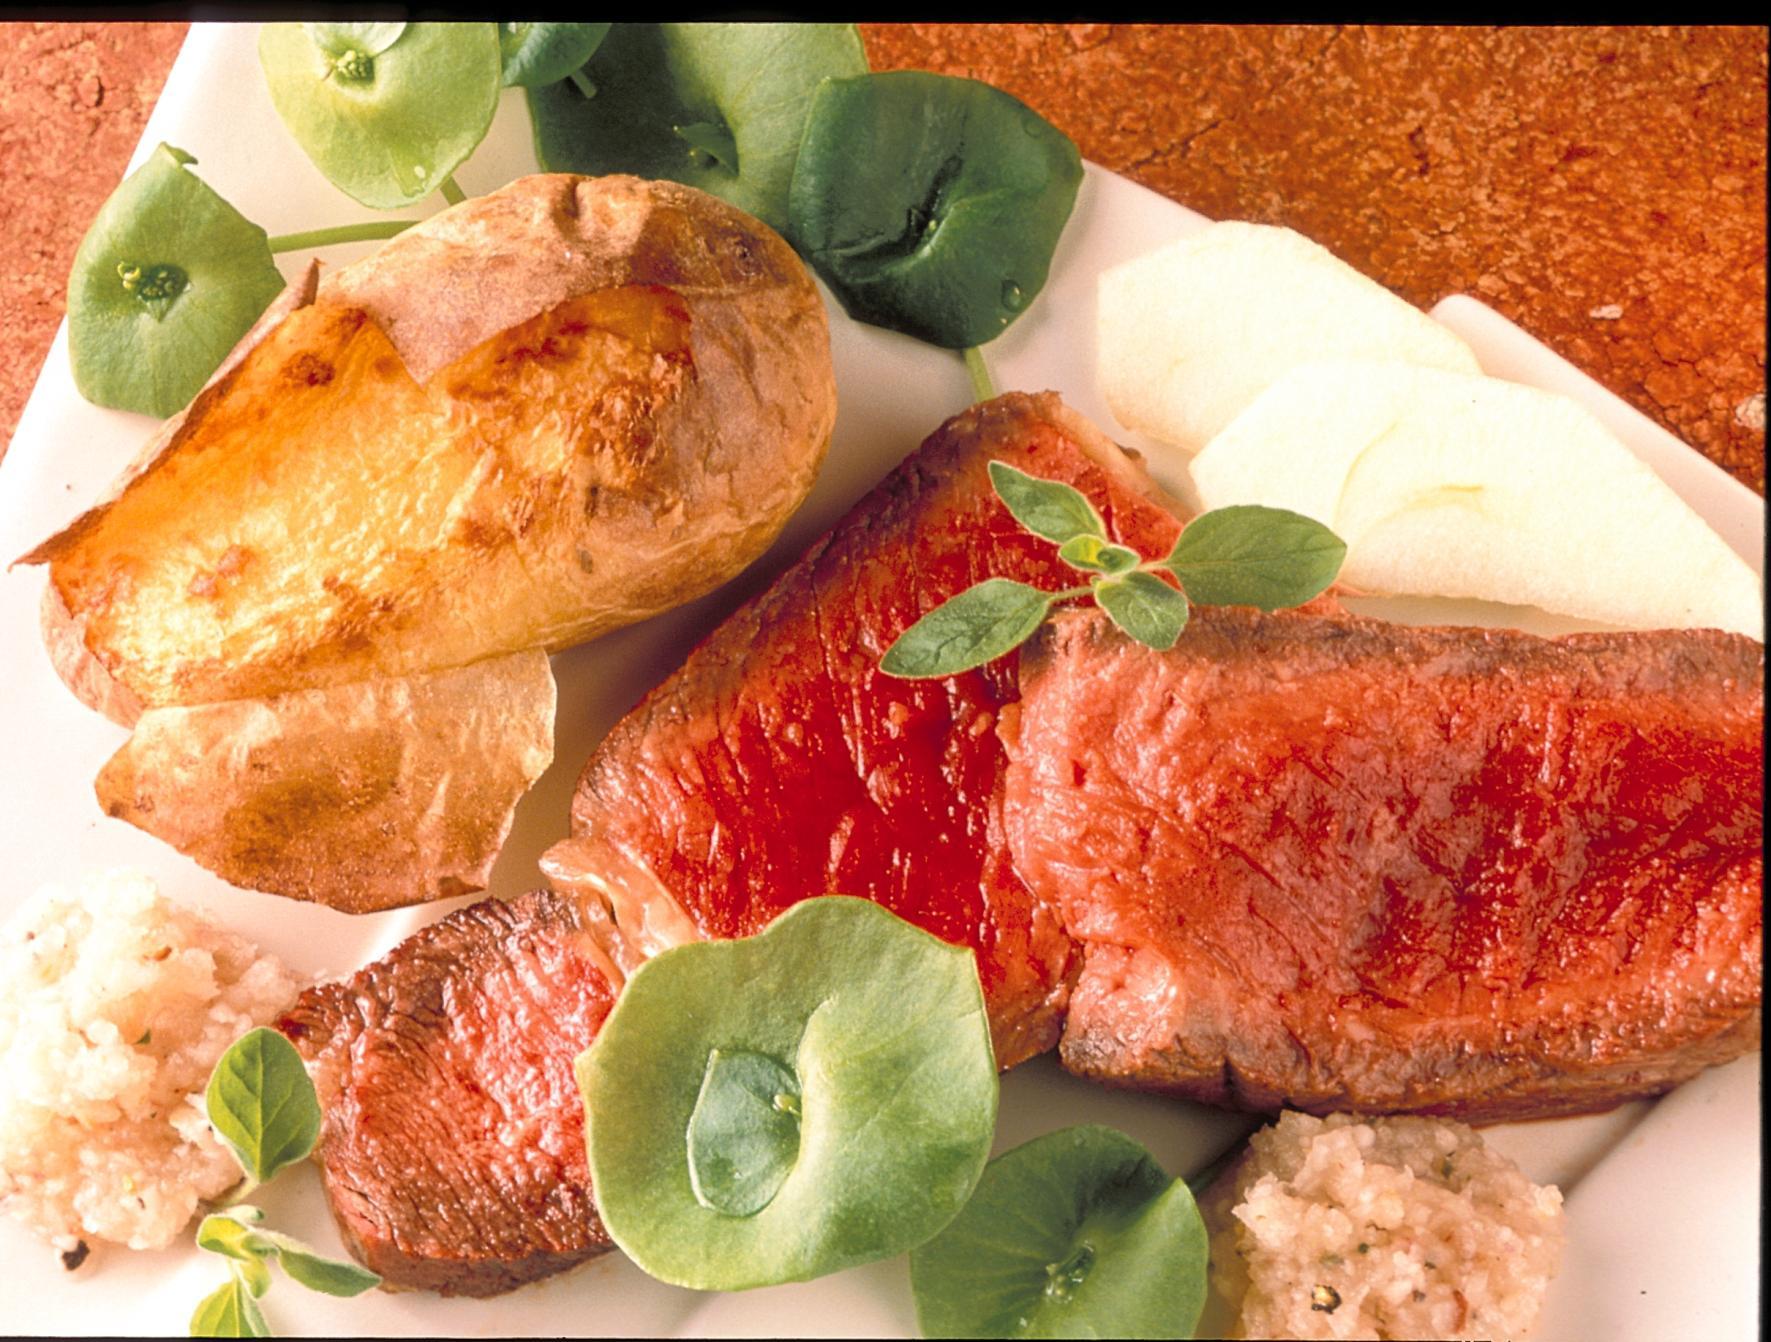 C te de boeuf la sauce sauvage recettes de cuisine - Cuisiner cote de boeuf ...